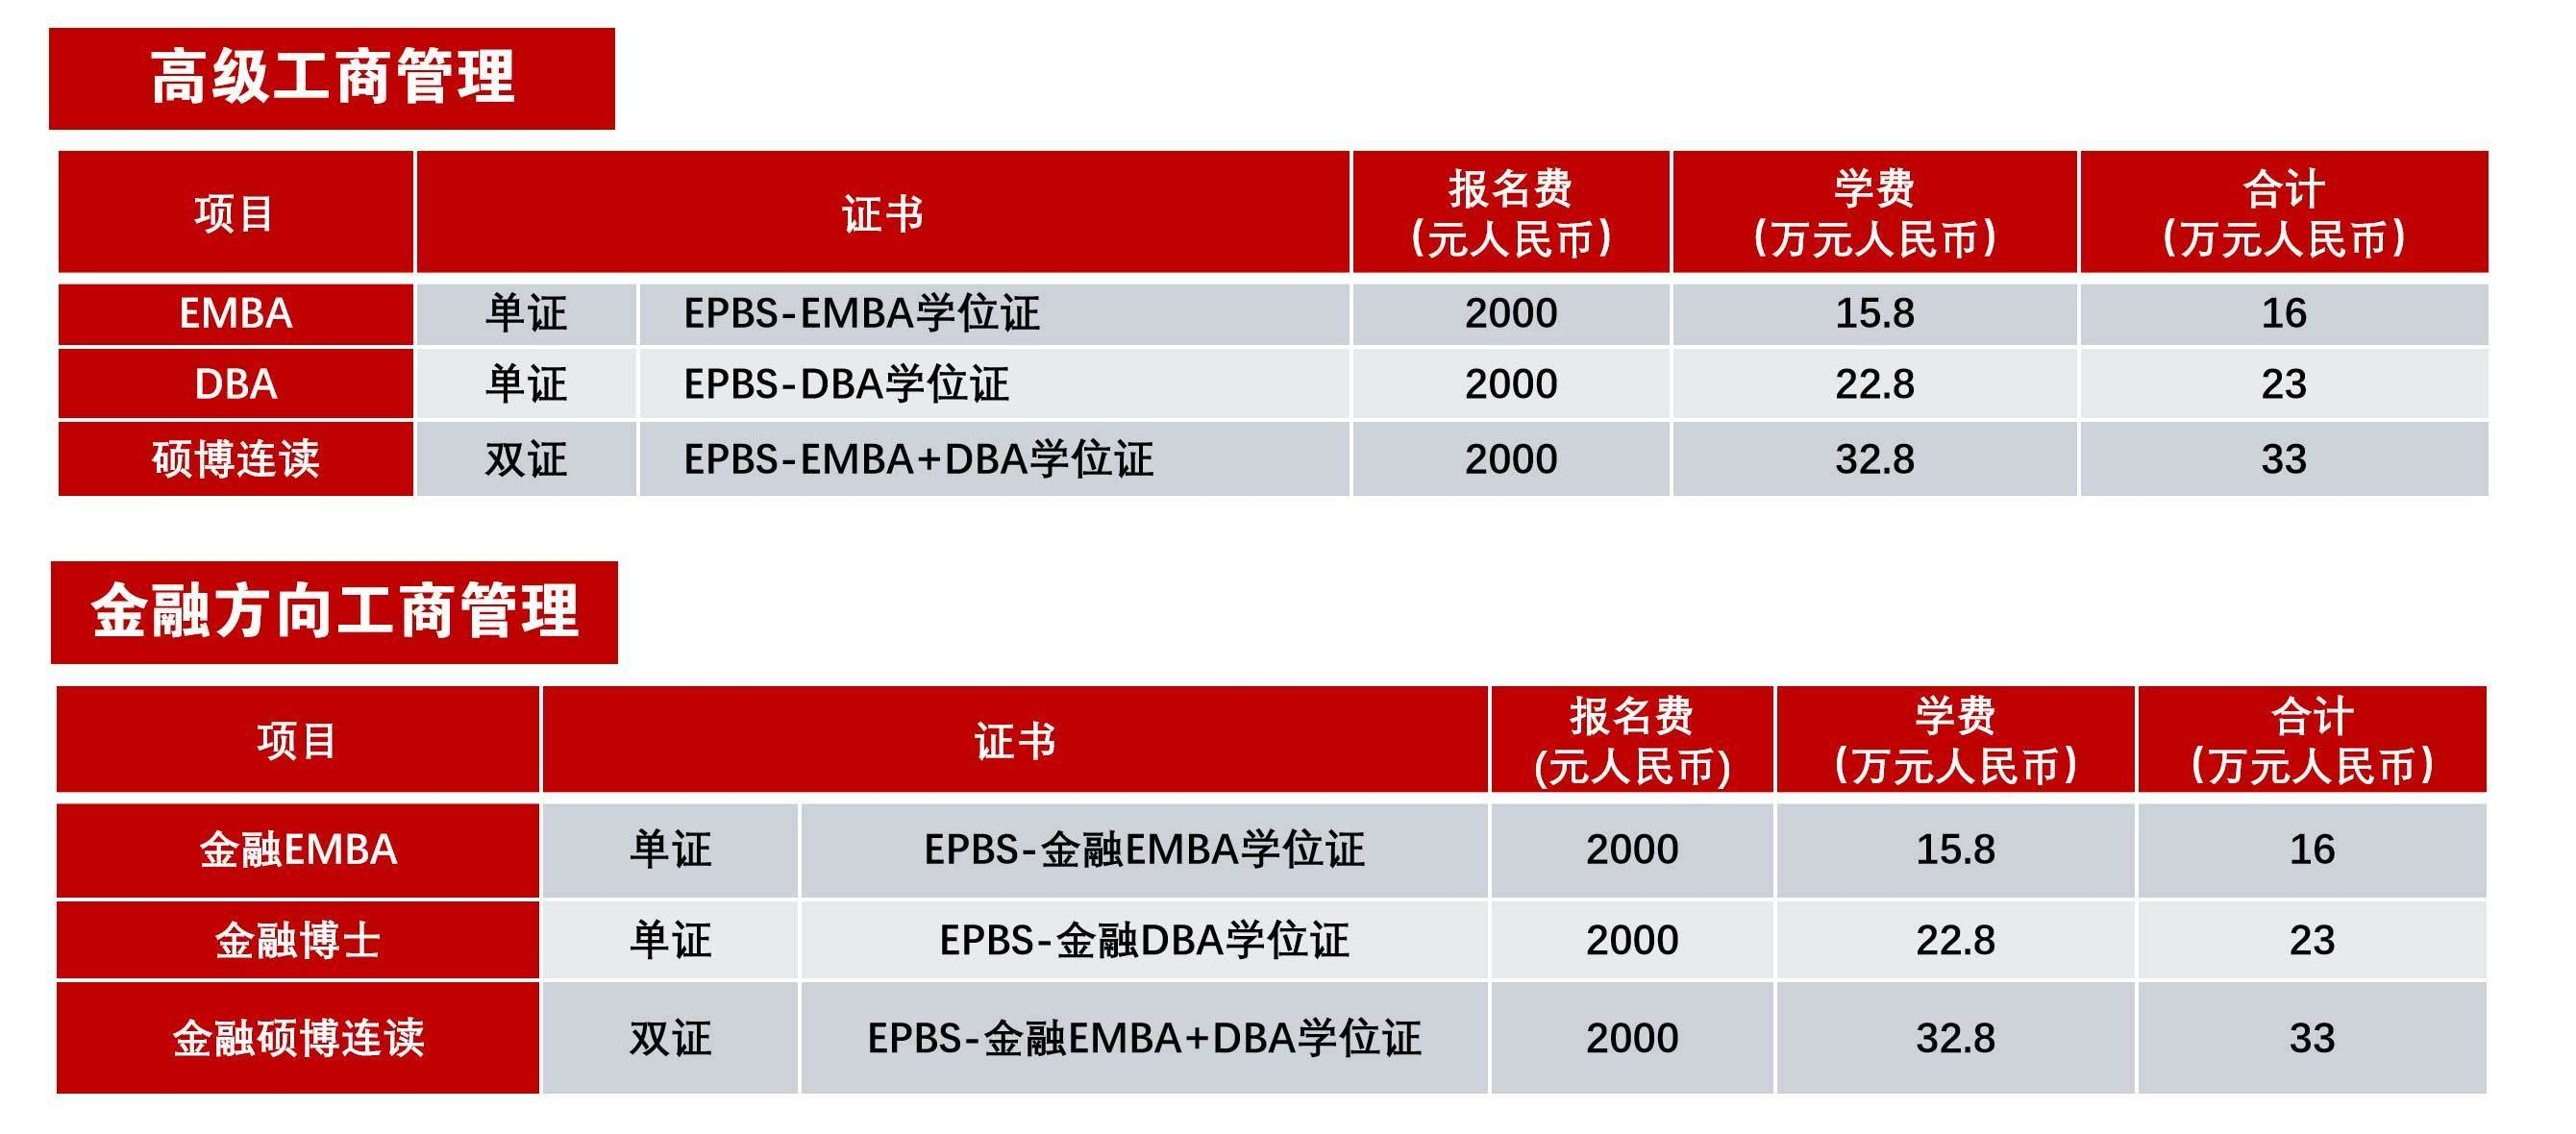 欧洲商学院EMBA-DBA招生手册_18